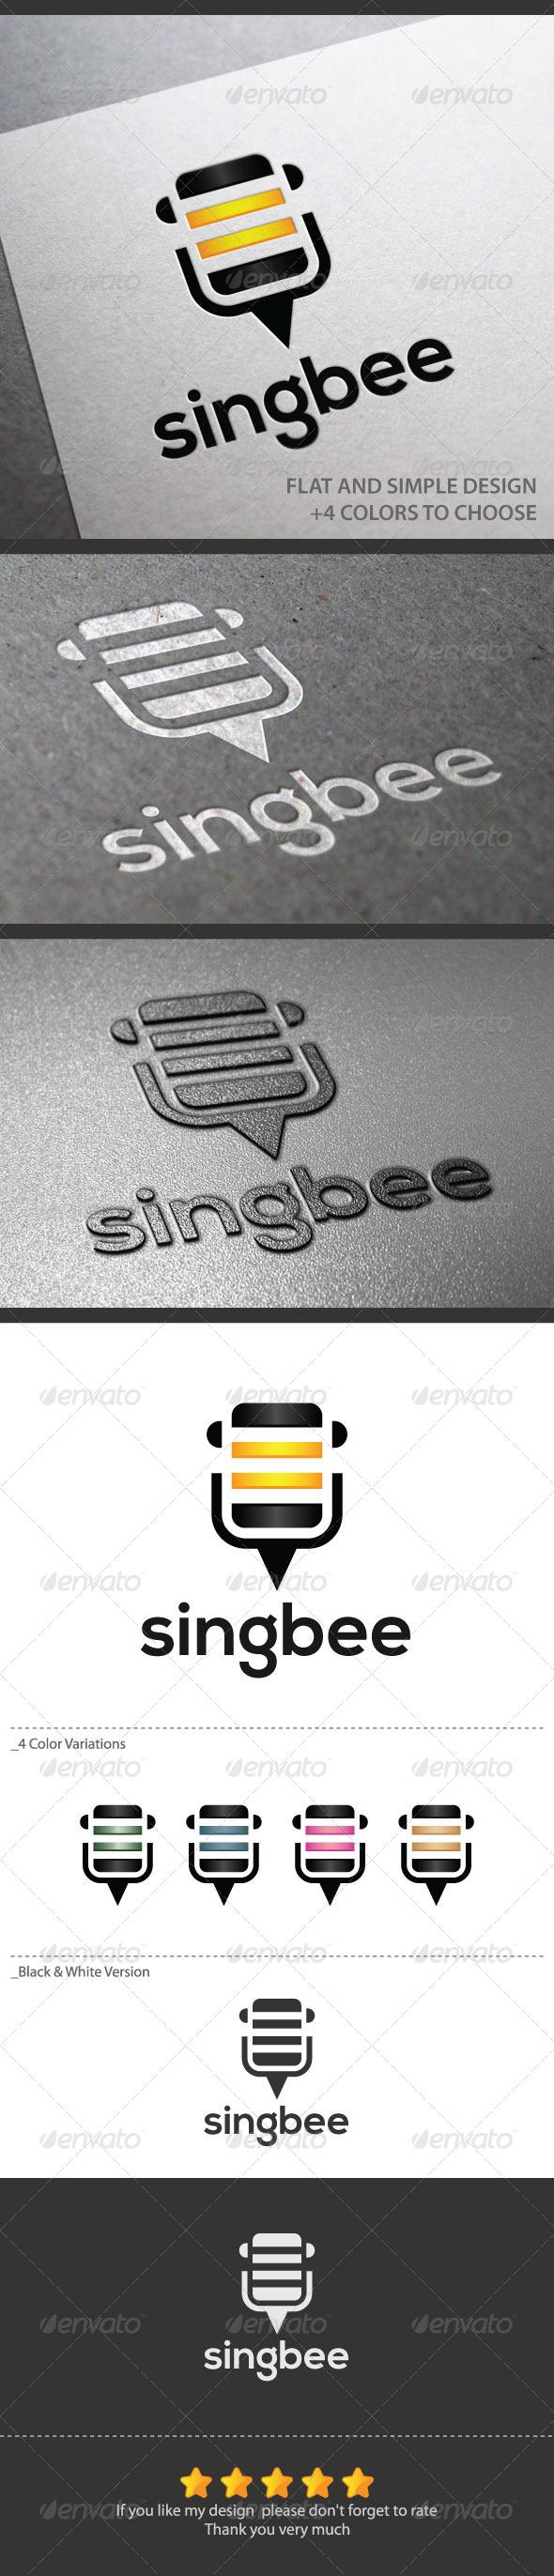 Singbee